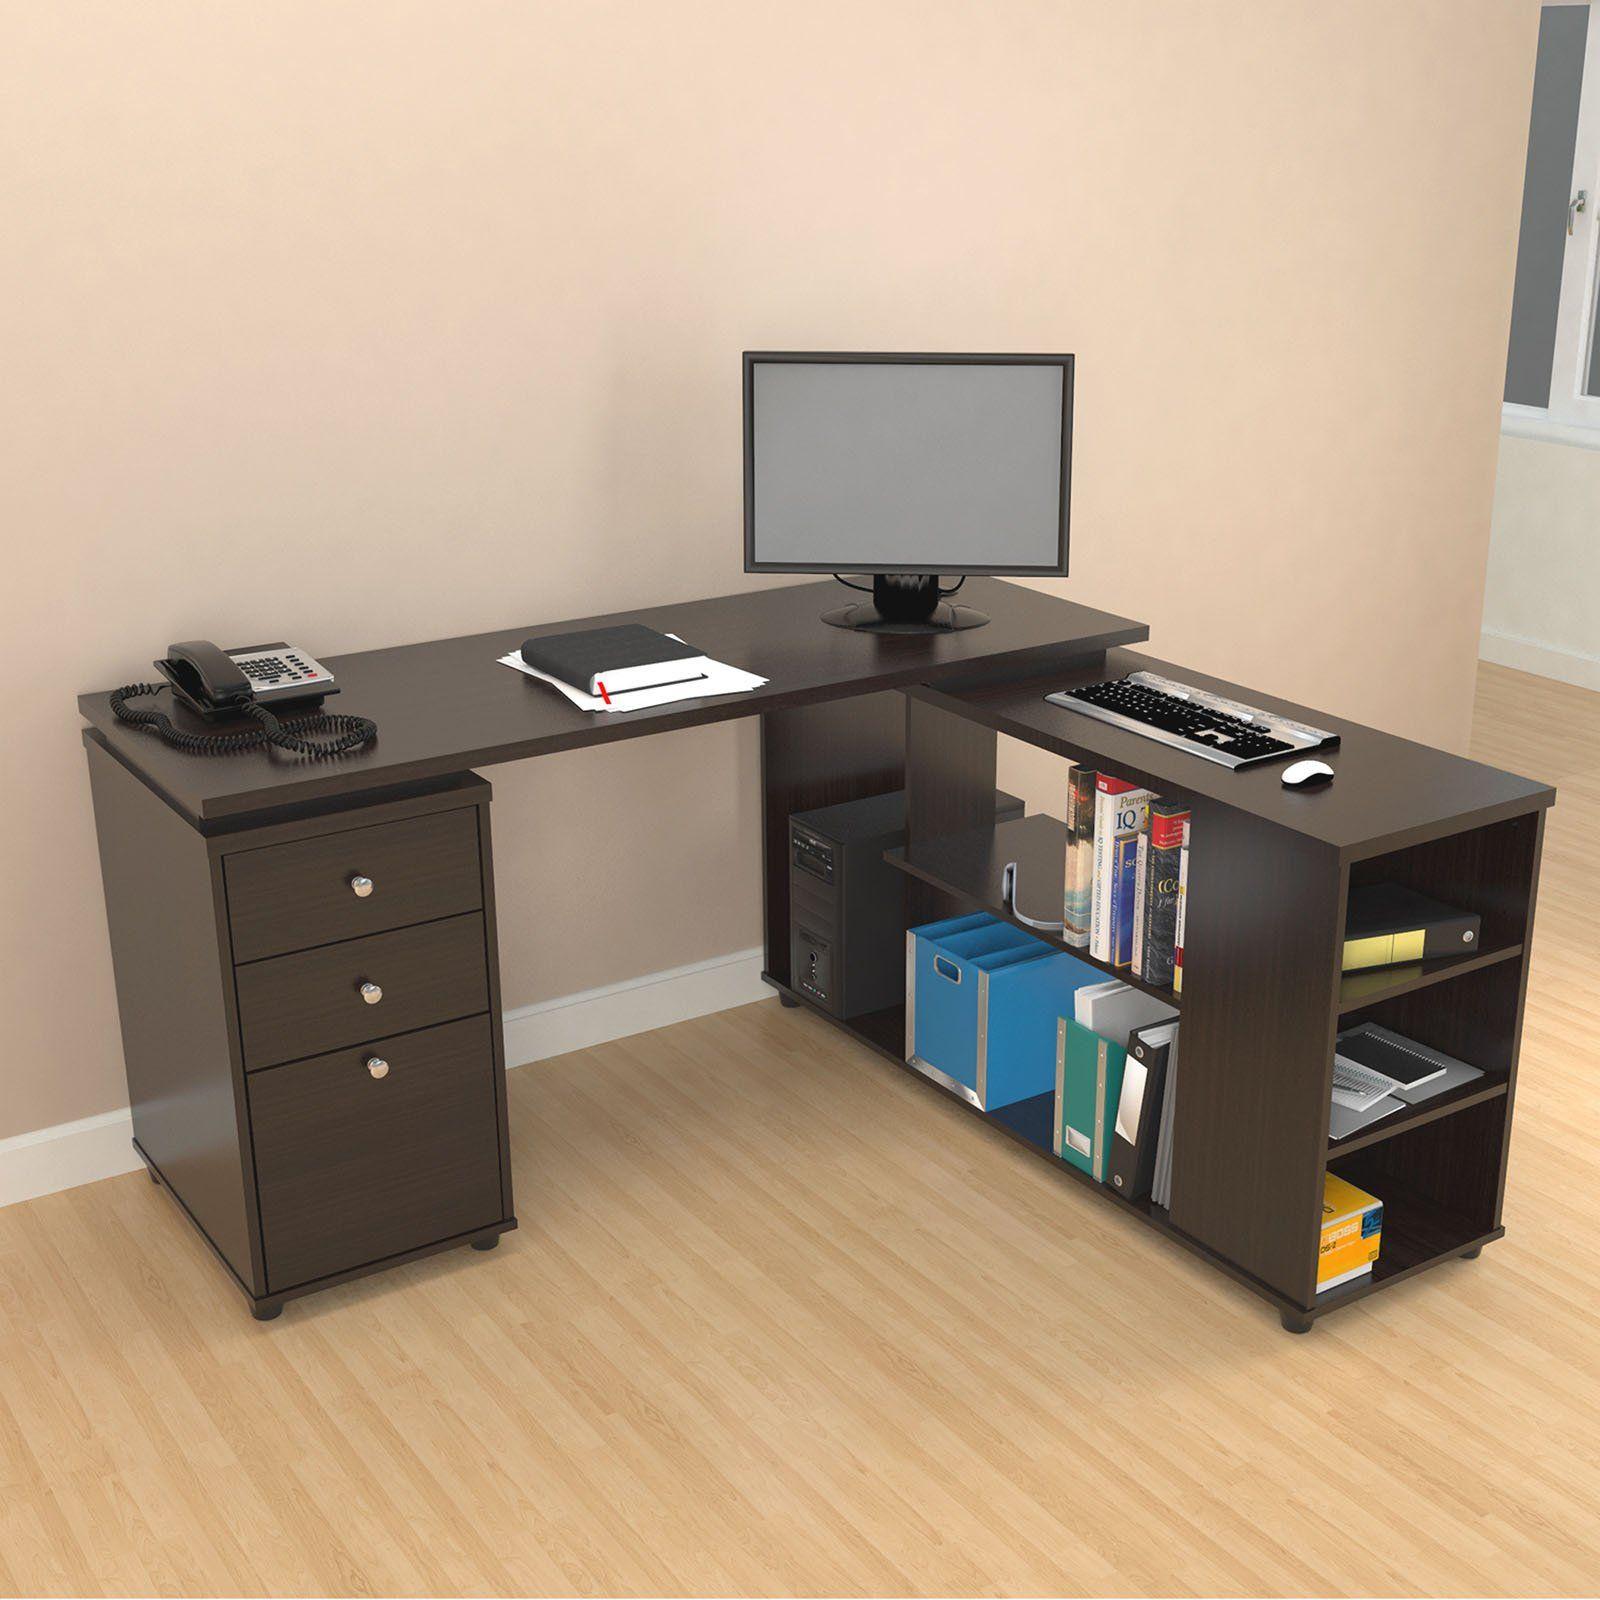 Inval L Shaped Computer Work Station Espresso Wengue Computer Desk With Shelves Desk Shelves Desk